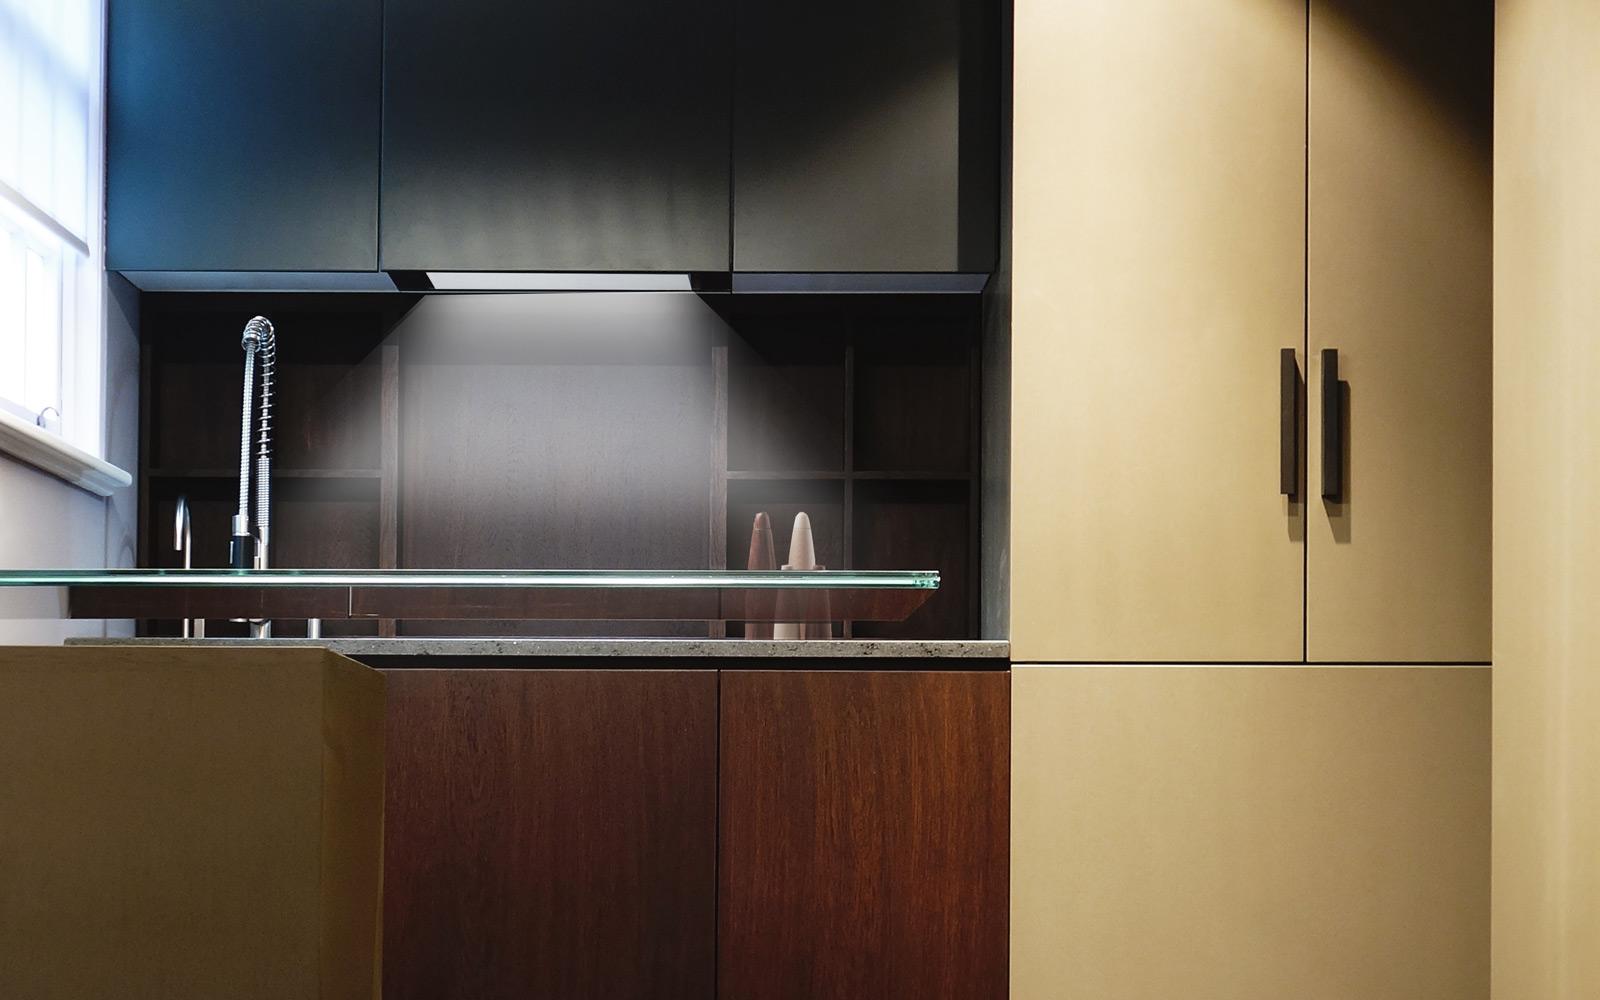 interior kitchenette